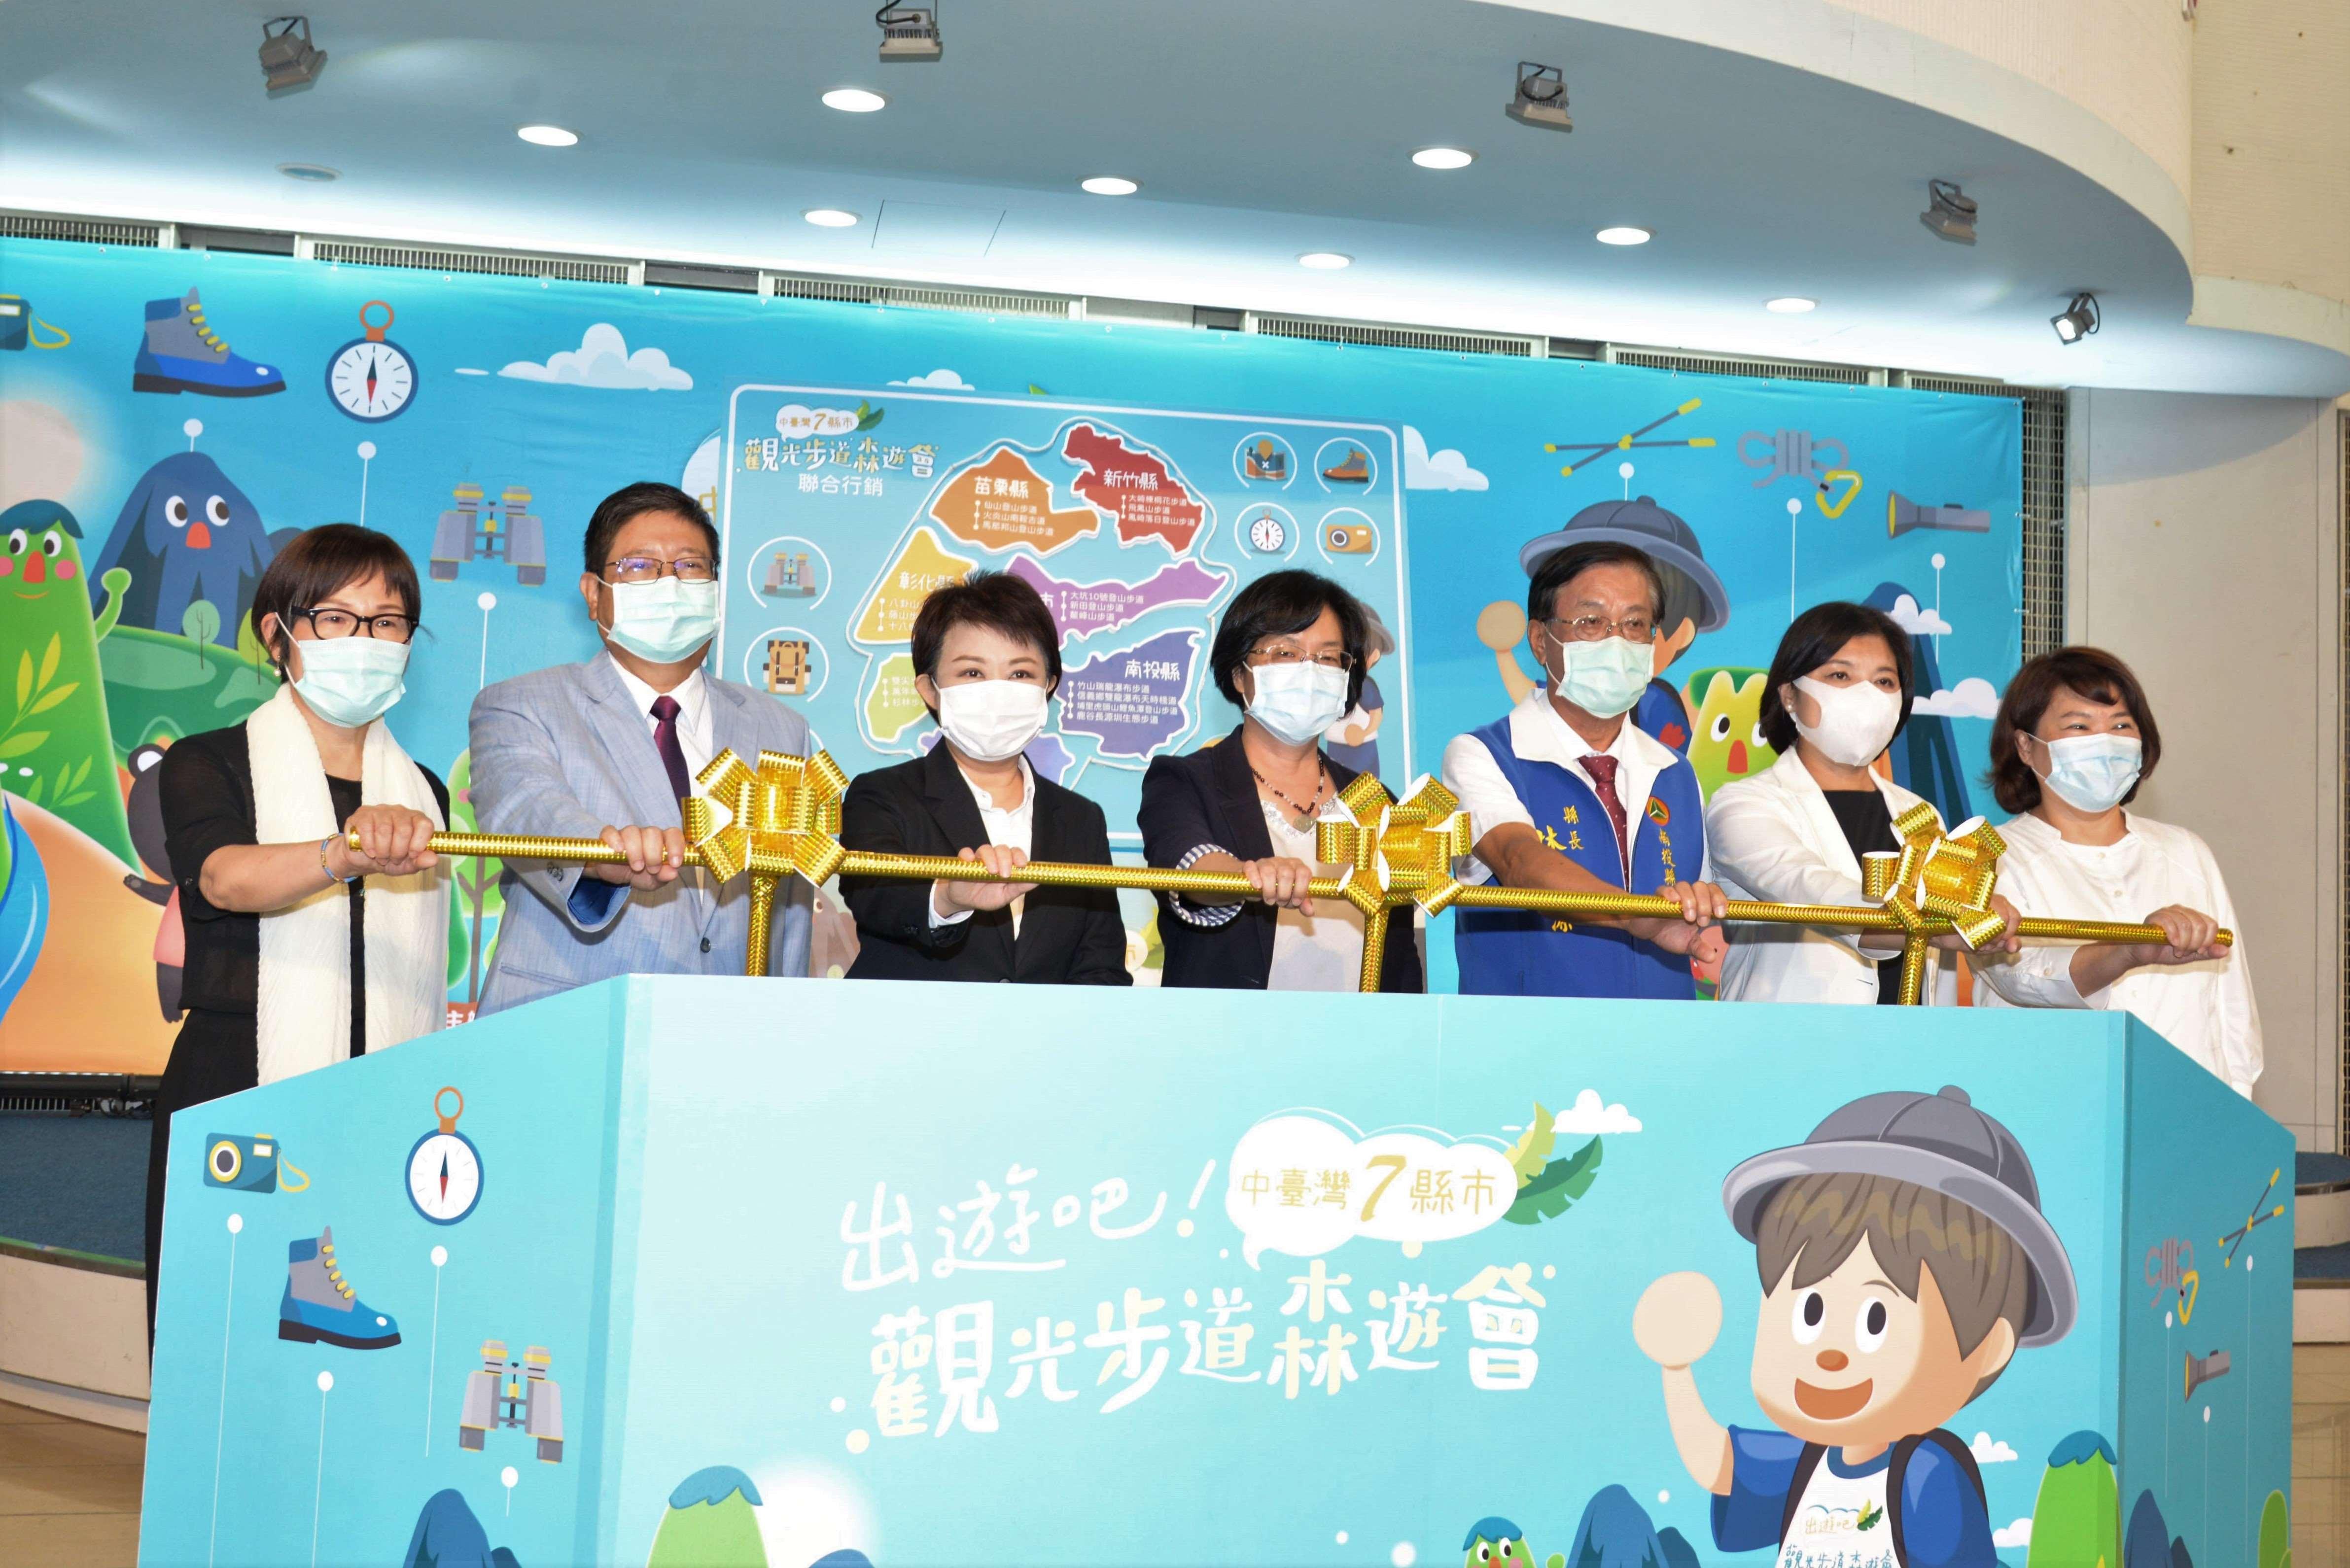 出遊吧! 七縣市首長啟動「中台灣七縣市觀光步道森遊會」聯合行銷